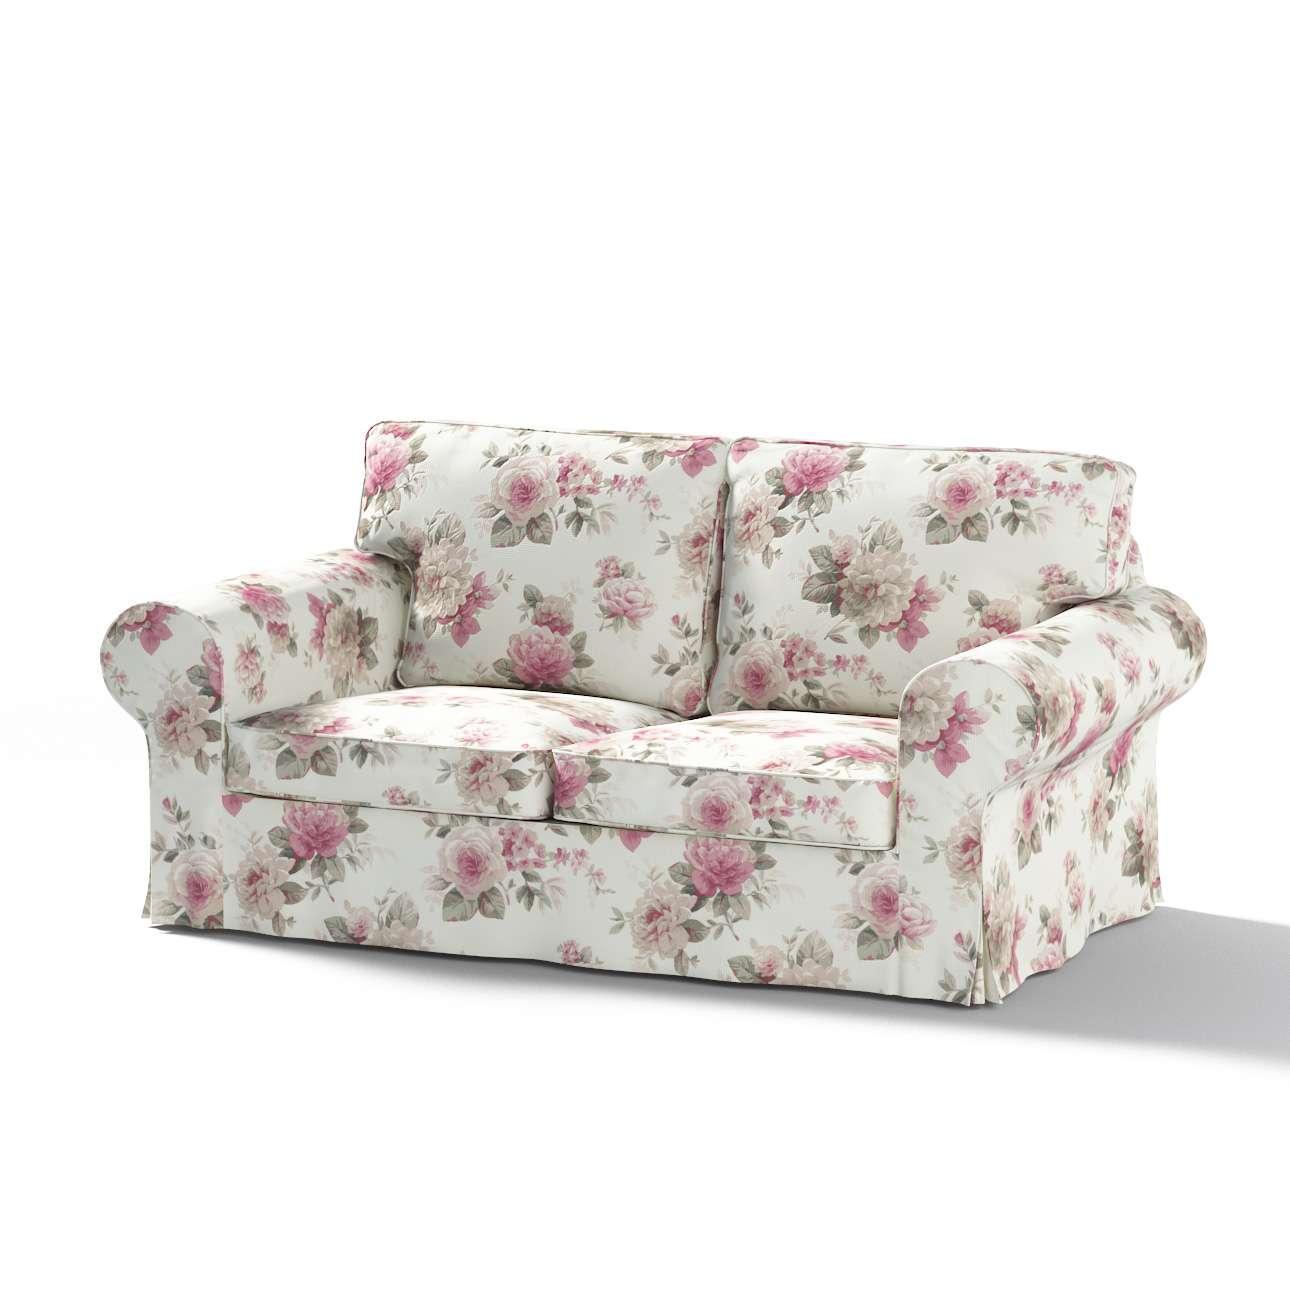 Potah na pohovku IKEA  Ektorp 2-místná, rozkládací, STARÝ MODEL v kolekci Mirella, látka: 141-07